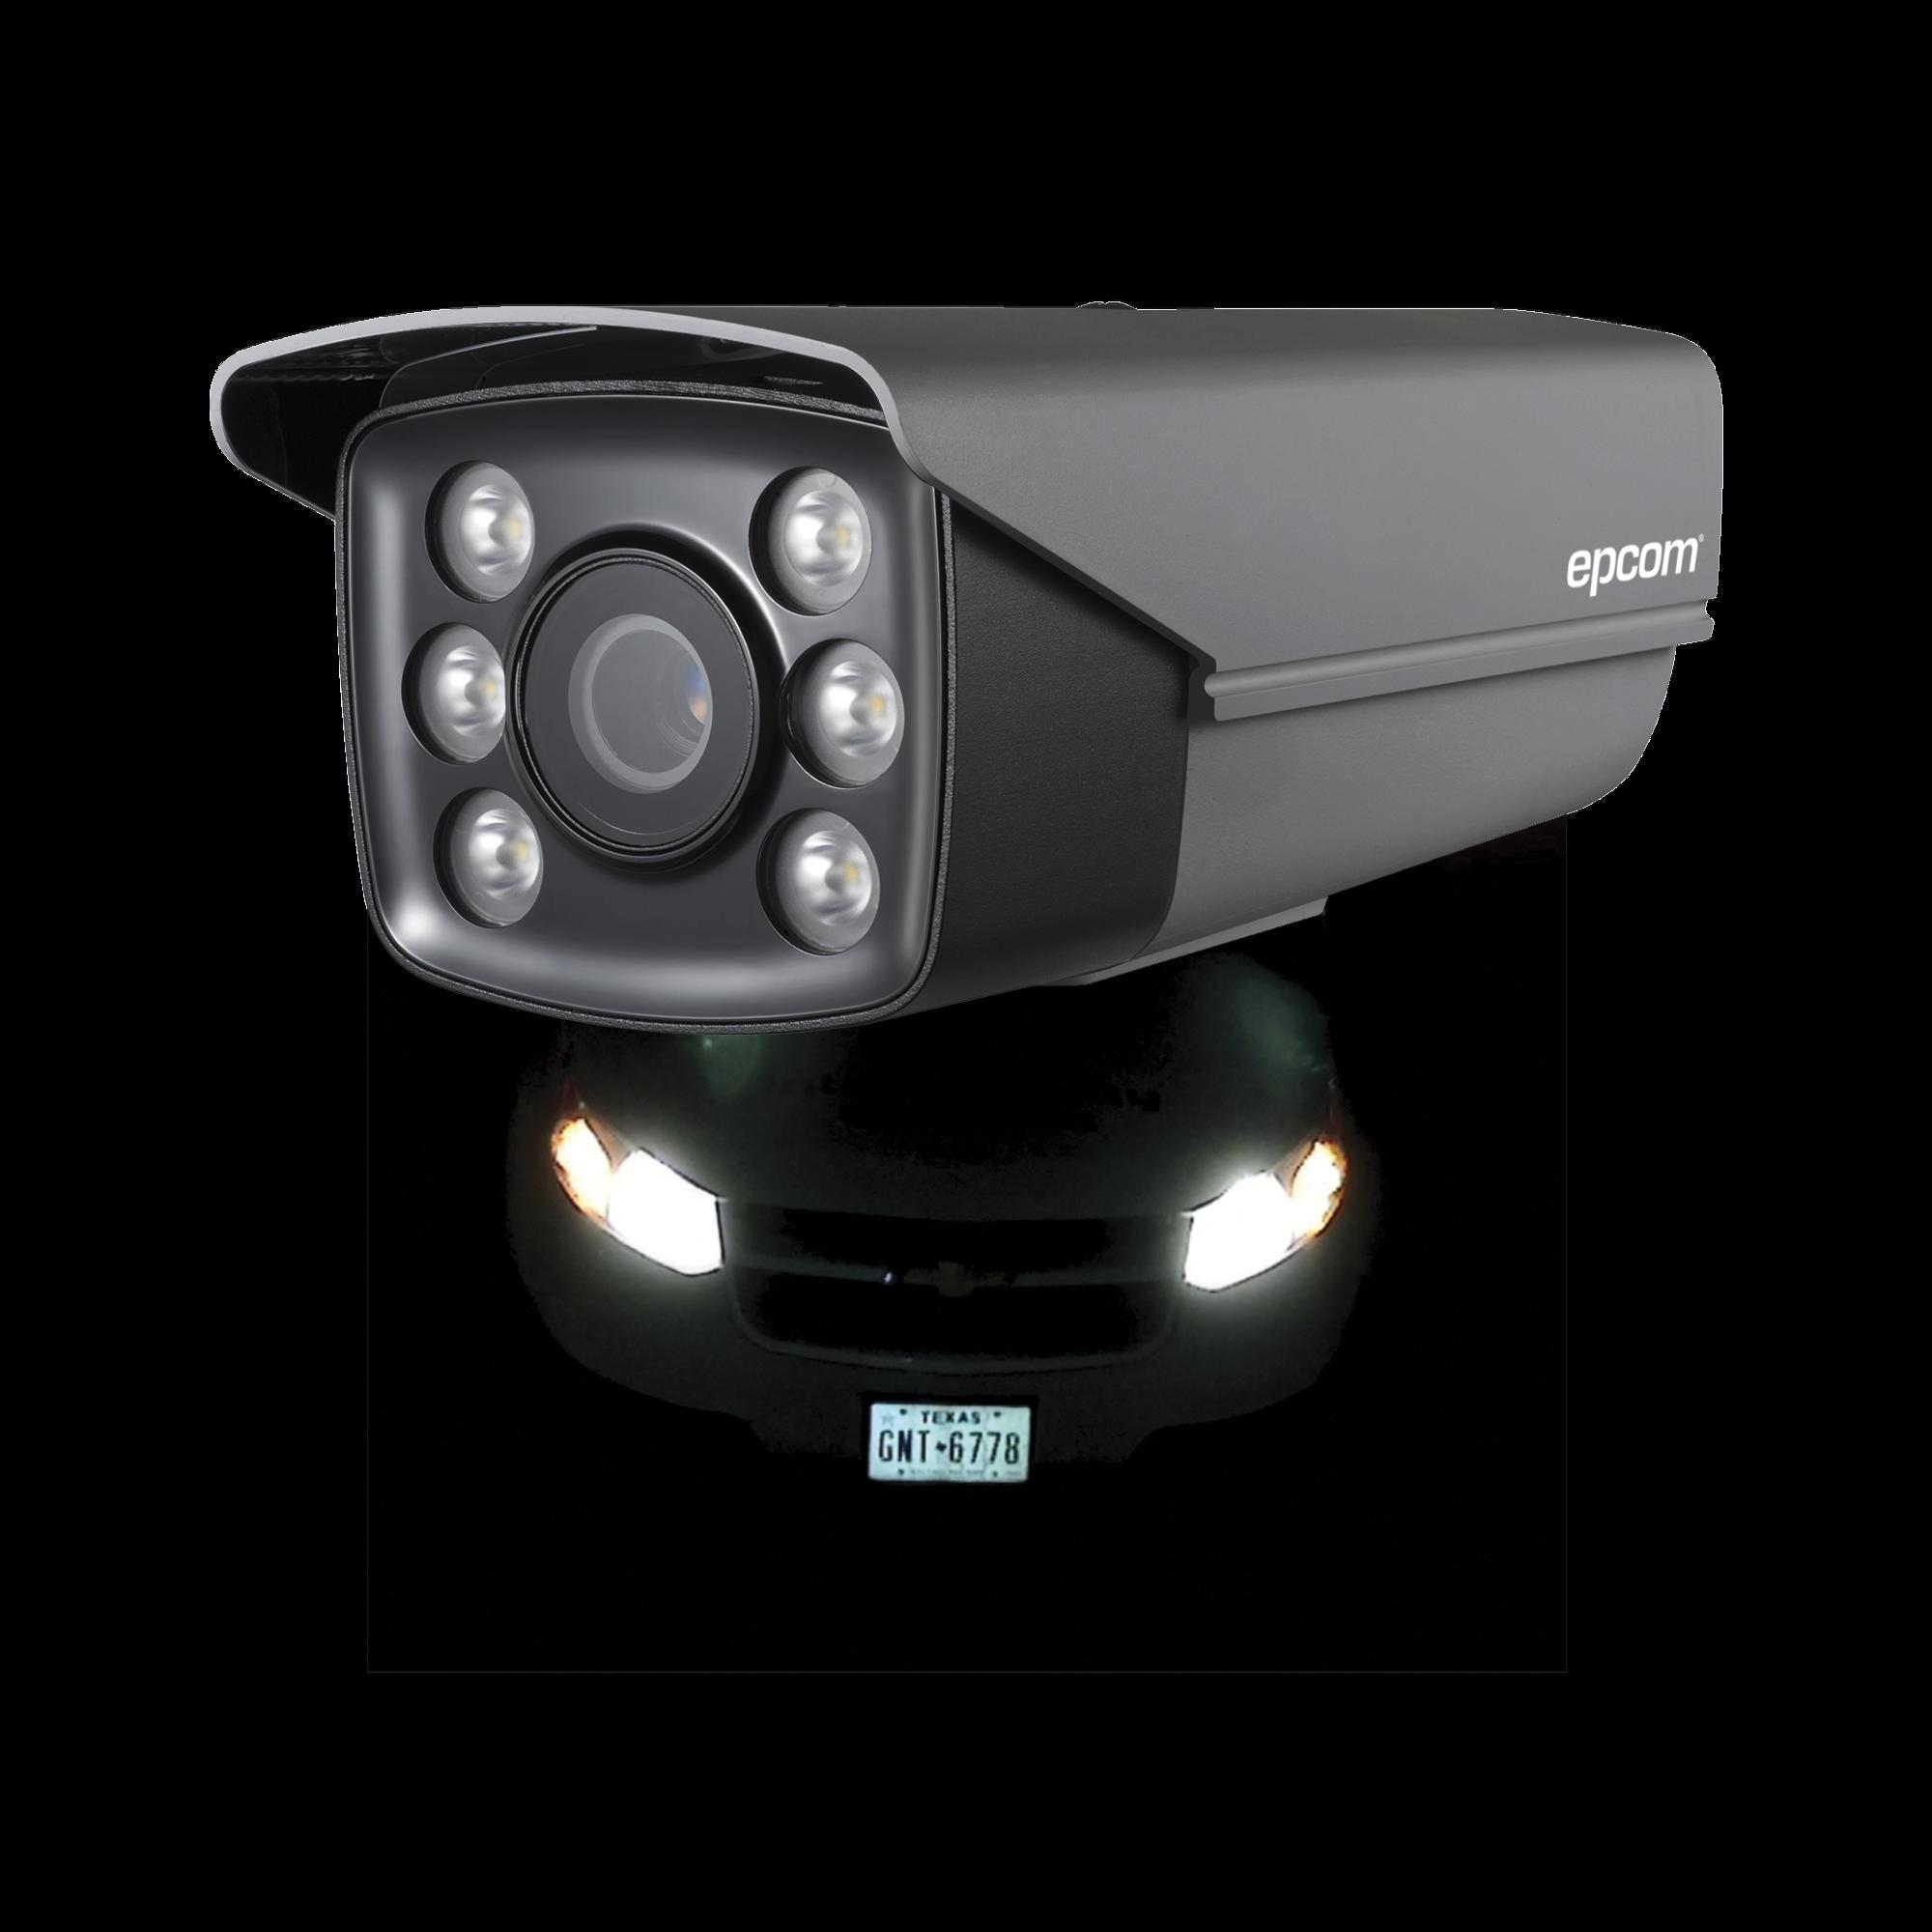 Bala TURBOHD 720p / Identificación de PLACAS VEHICULARES / CLIMAS EXTREMOS / Lente Mot. 6 a 22 mm / Luz Blanca 40 mts / Exterior IP66